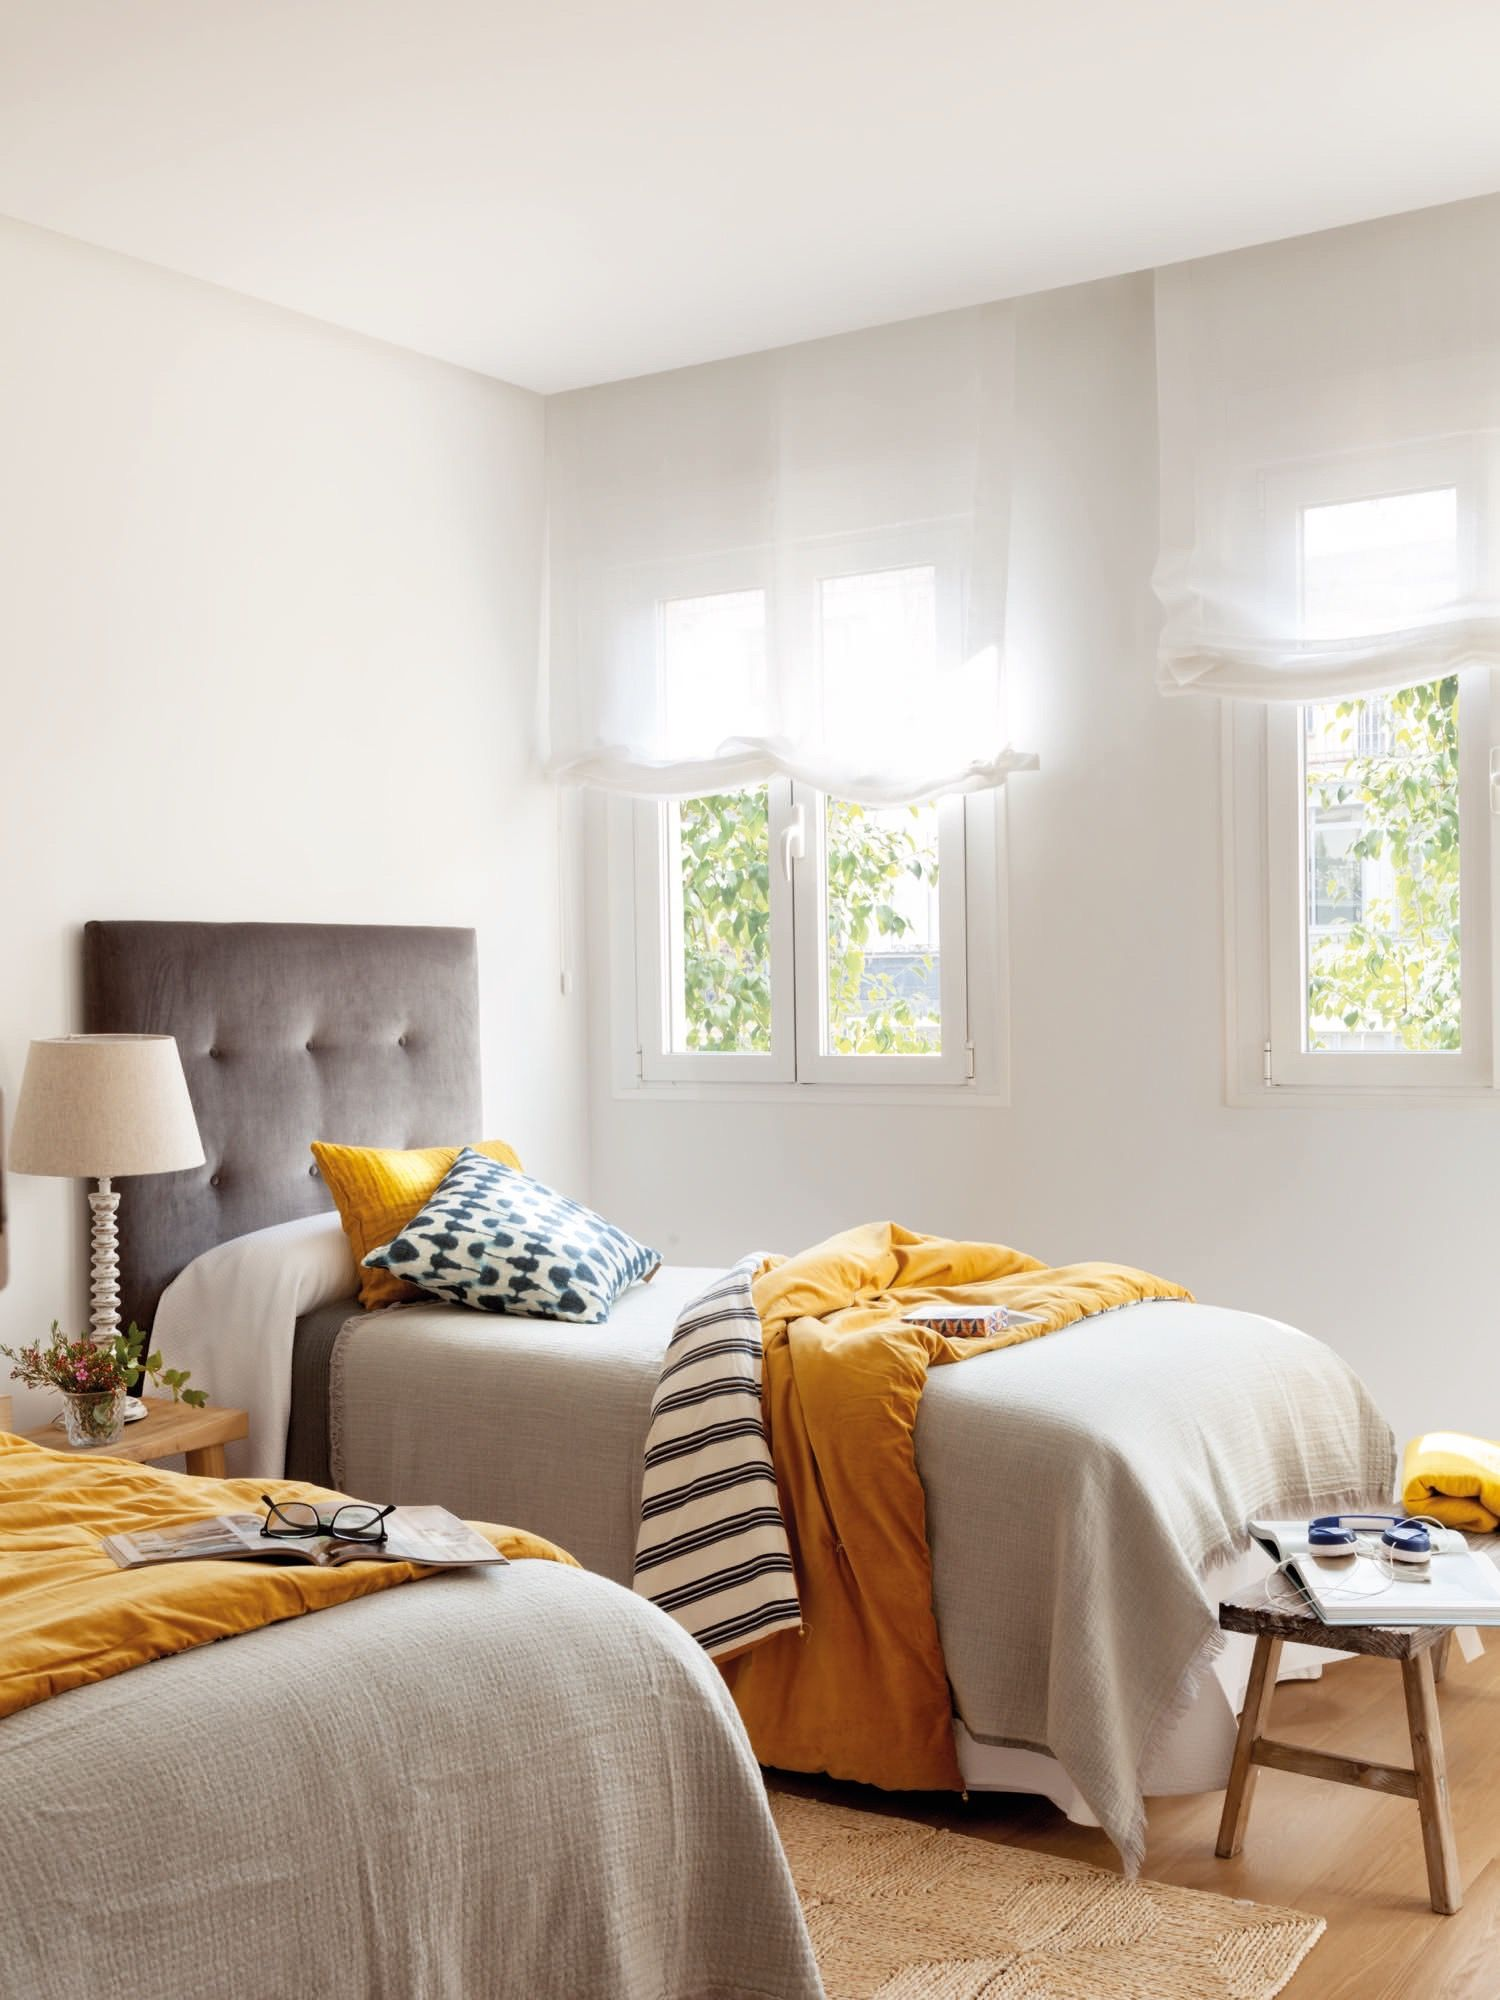 Dormitorio juvenil con dos camas en gris y mostaza - Habitaciones infantiles con dos camas ...